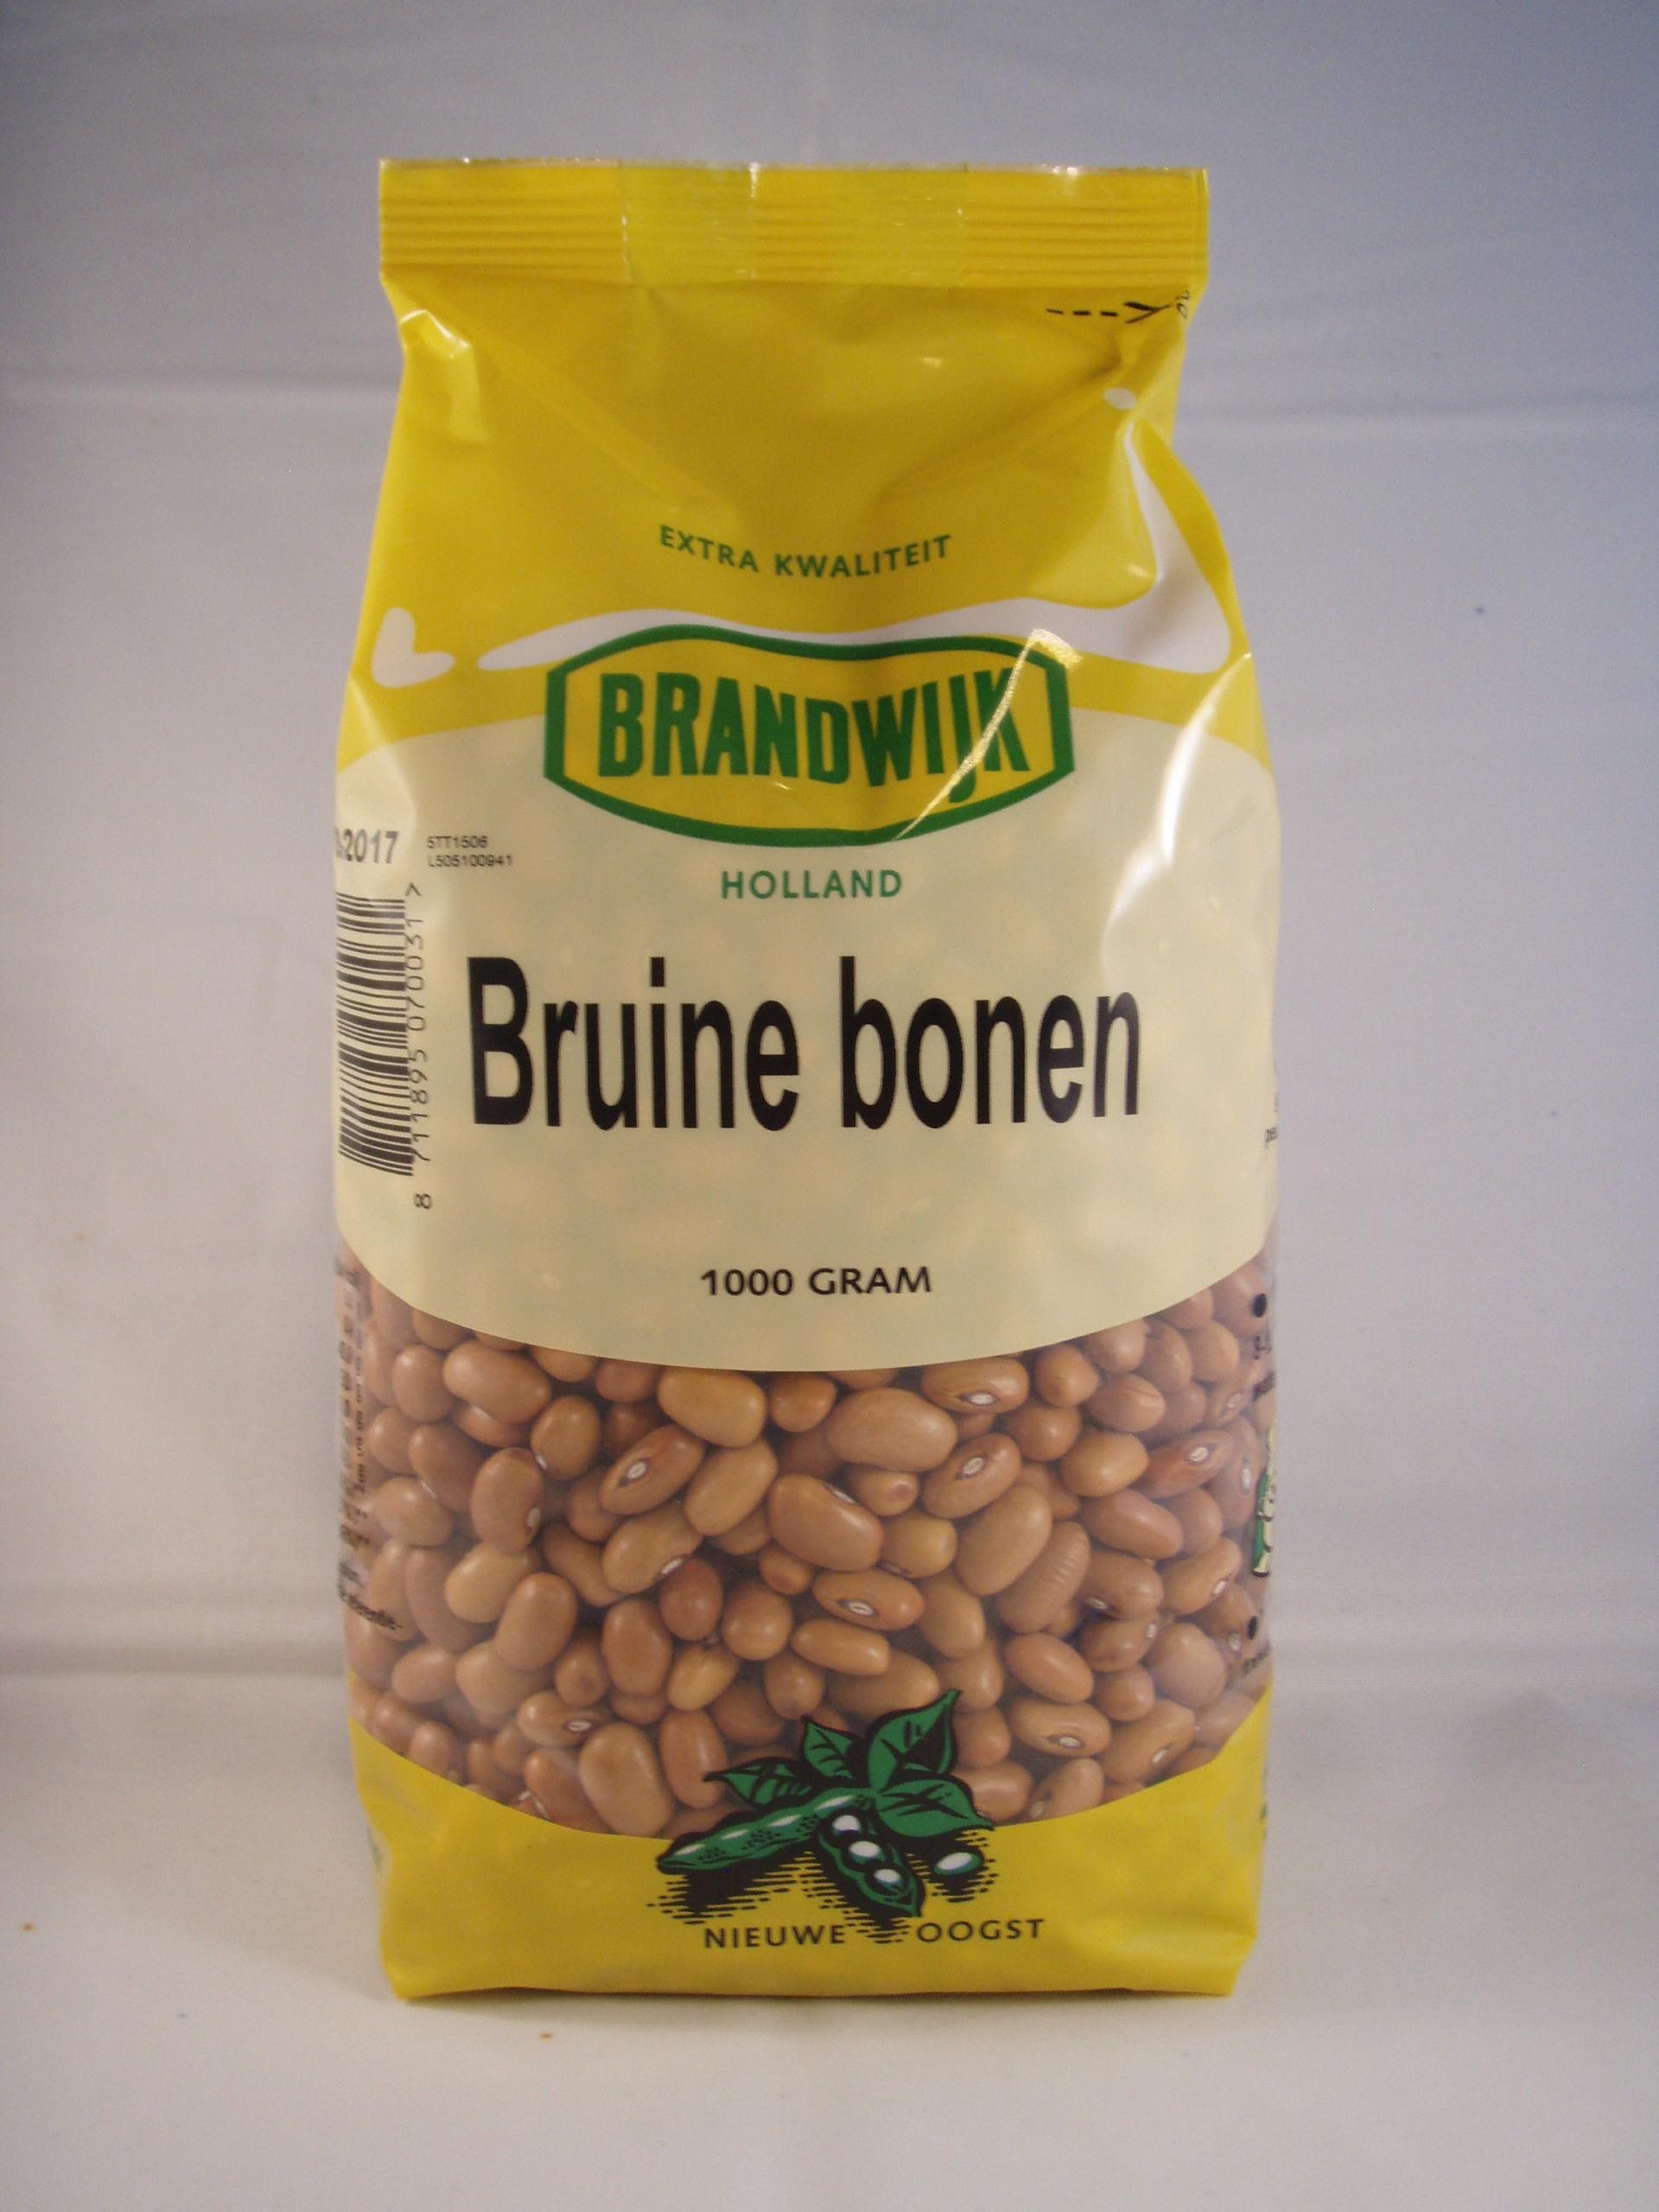 Bruine bonen 1000gr. Brandwijk